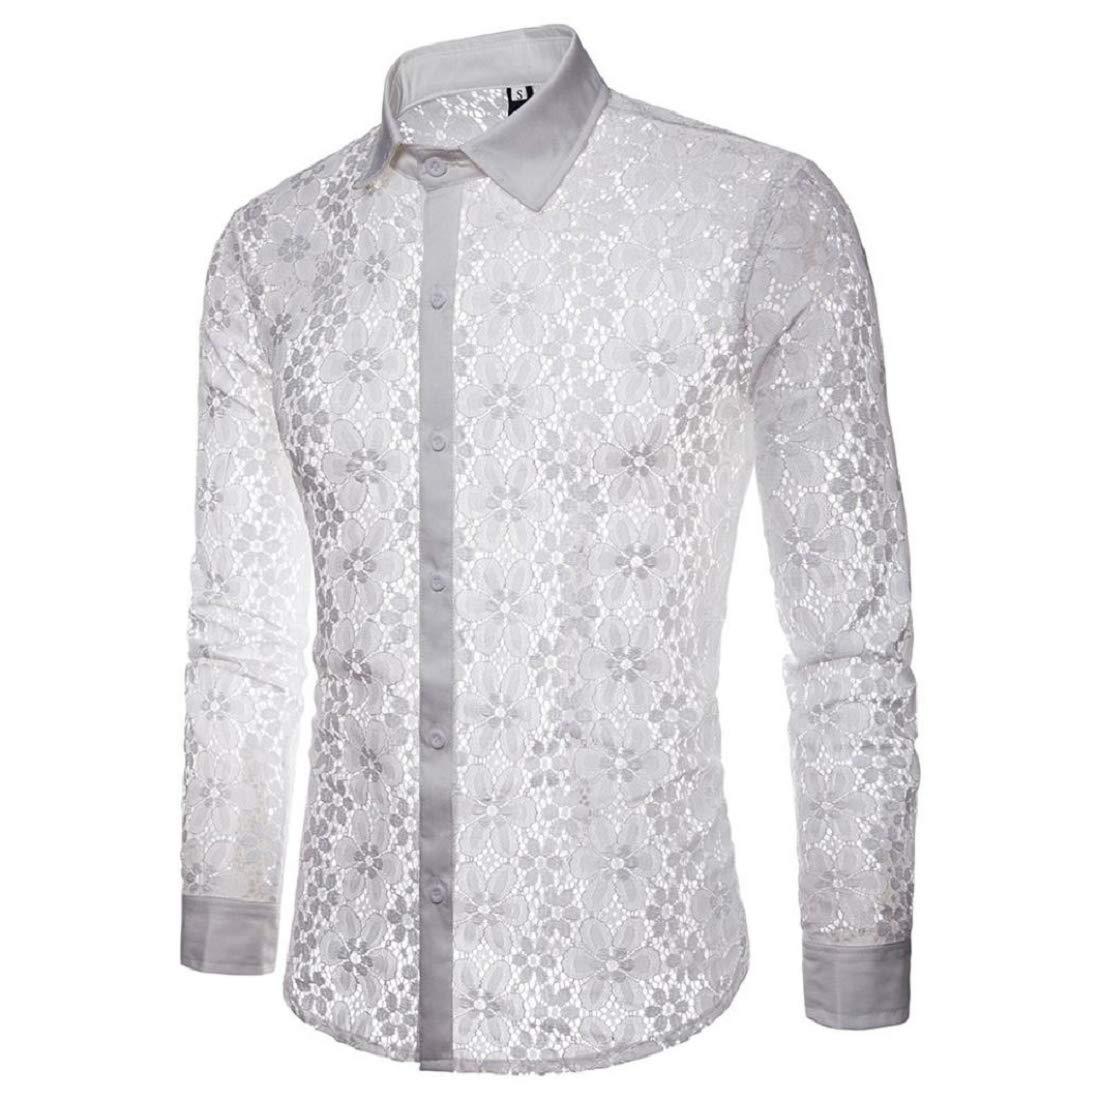 dd07ed6c1252 Amazon.com: GONKOMA Men's Lace Shirts Stylish Long Sleeve Lace Shirt Tops  Blouse Basic Slim Fit Shirts Top: Clothing